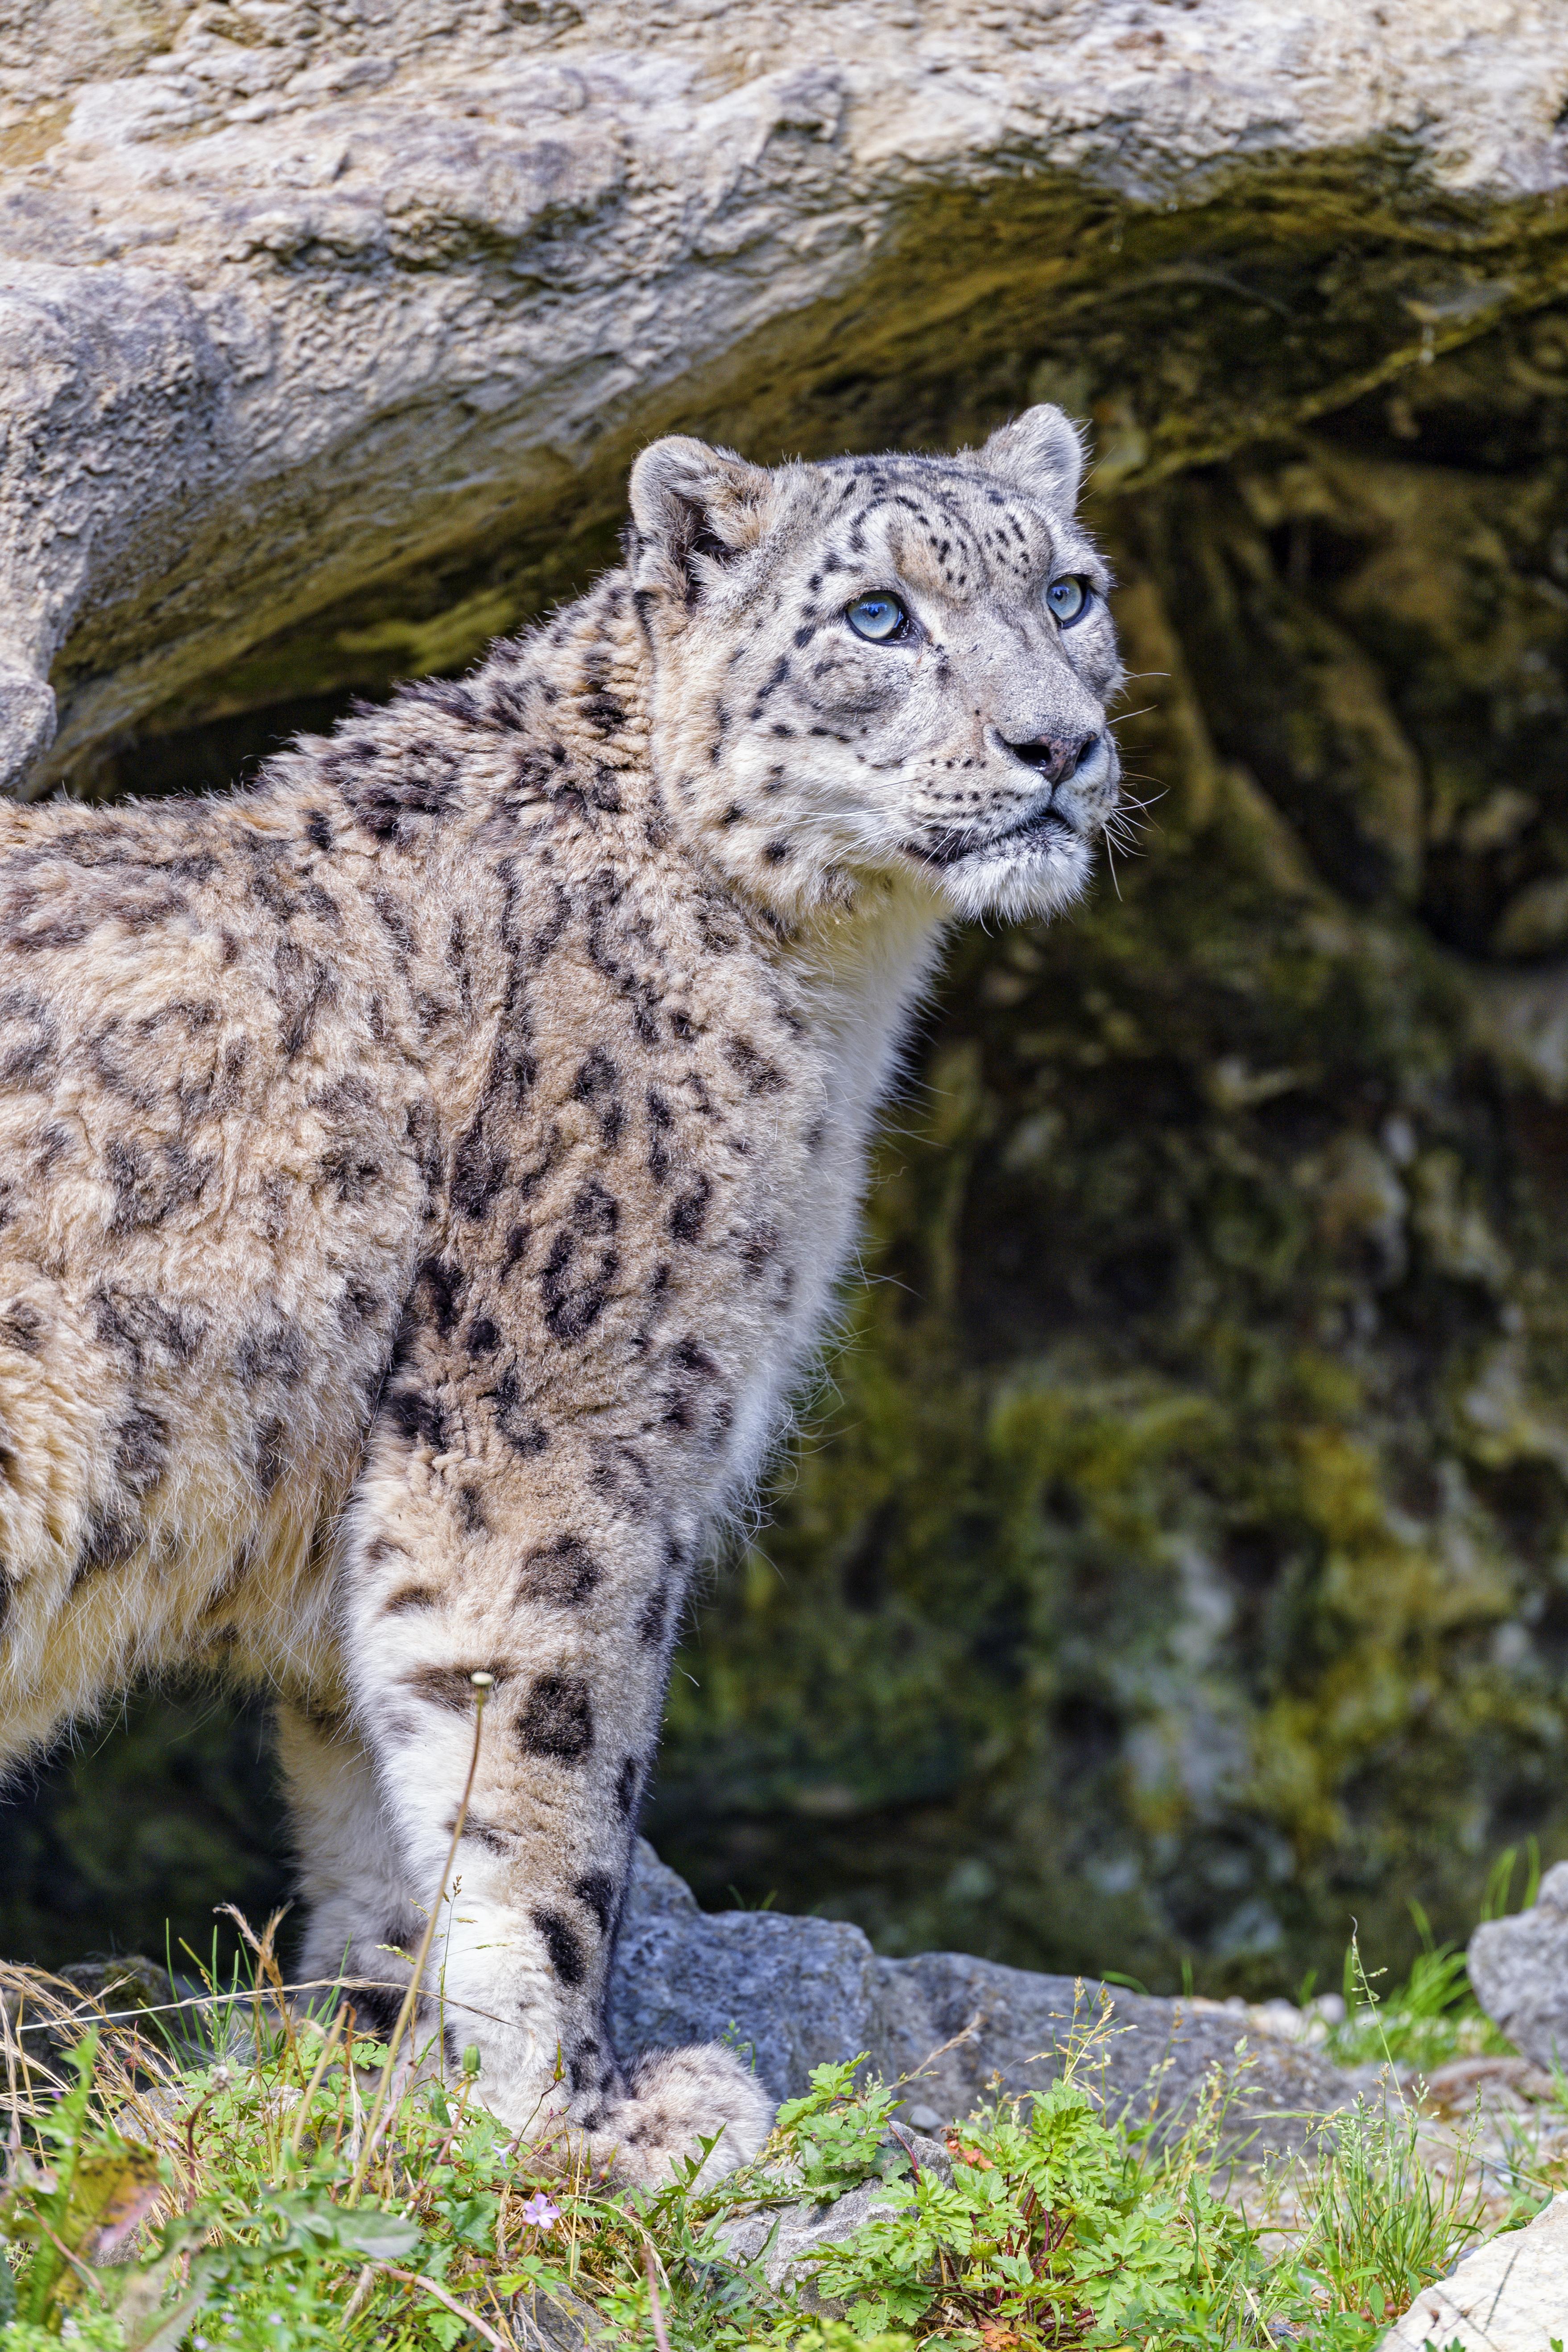 132291 Hintergrundbild herunterladen Schneeleopard, Tiere, Raubtier, Predator, Große Katze, Big Cat, Tier, Irbis - Bildschirmschoner und Bilder kostenlos